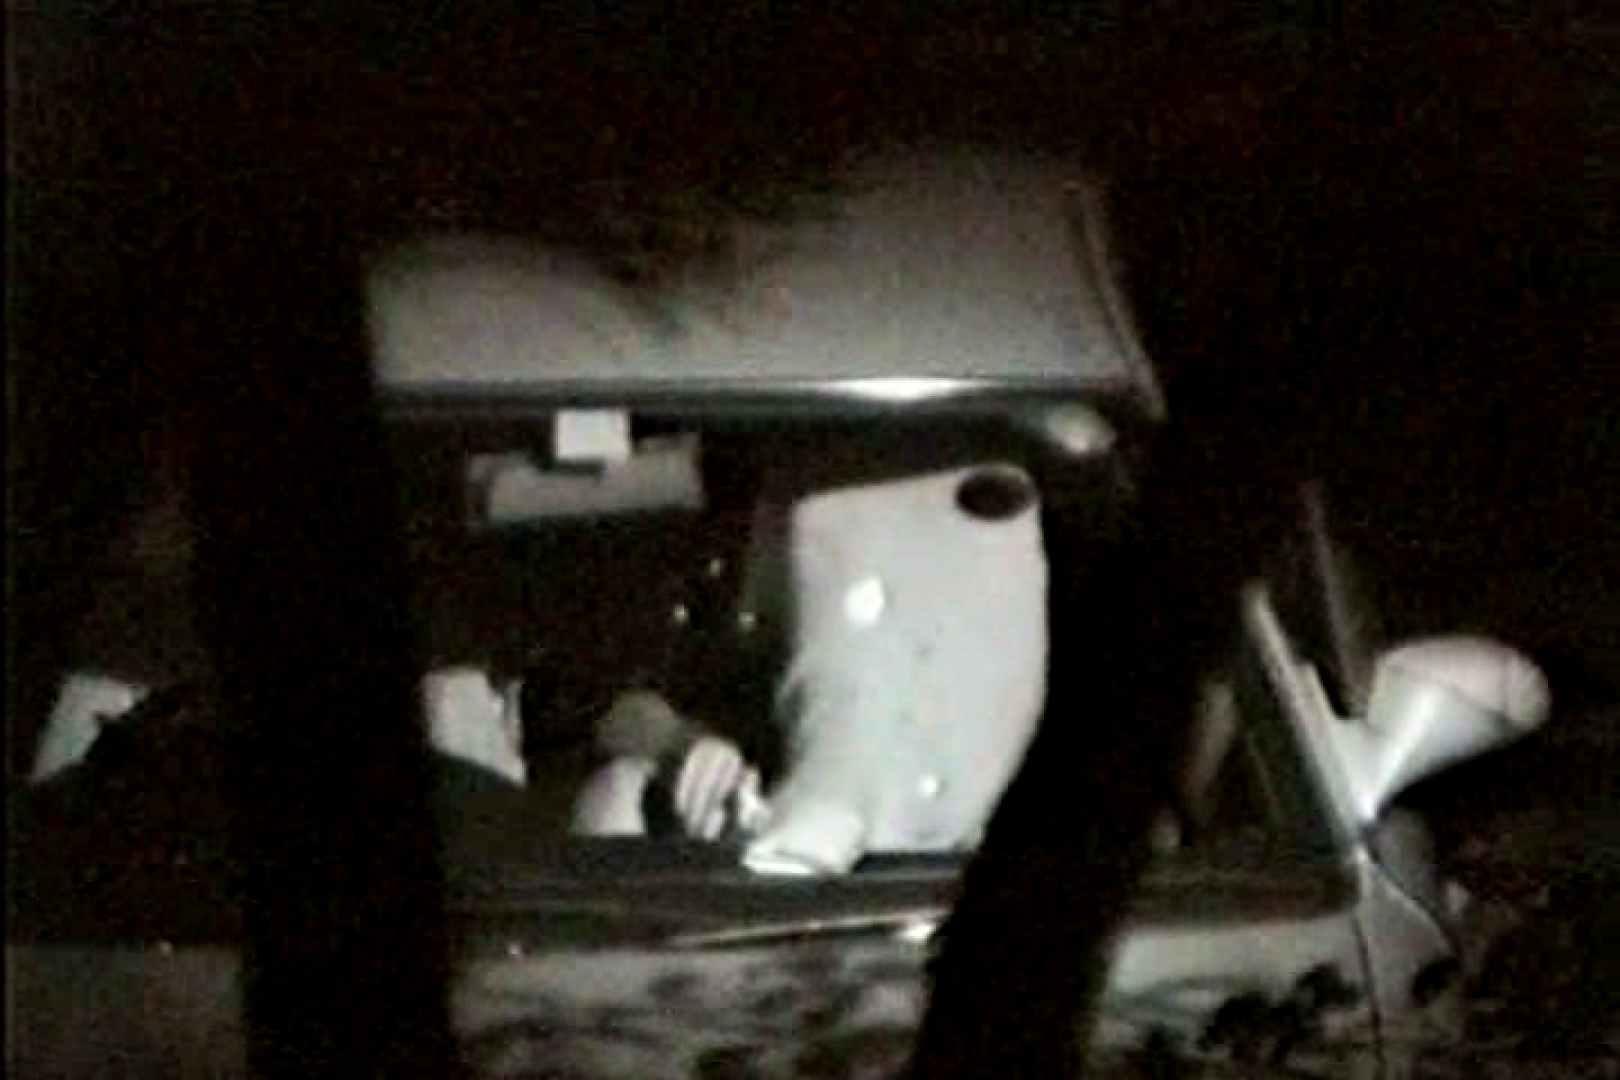 車の中はラブホテル 無修正版  Vol.8 ラブホテル AV無料動画キャプチャ 102PIX 39